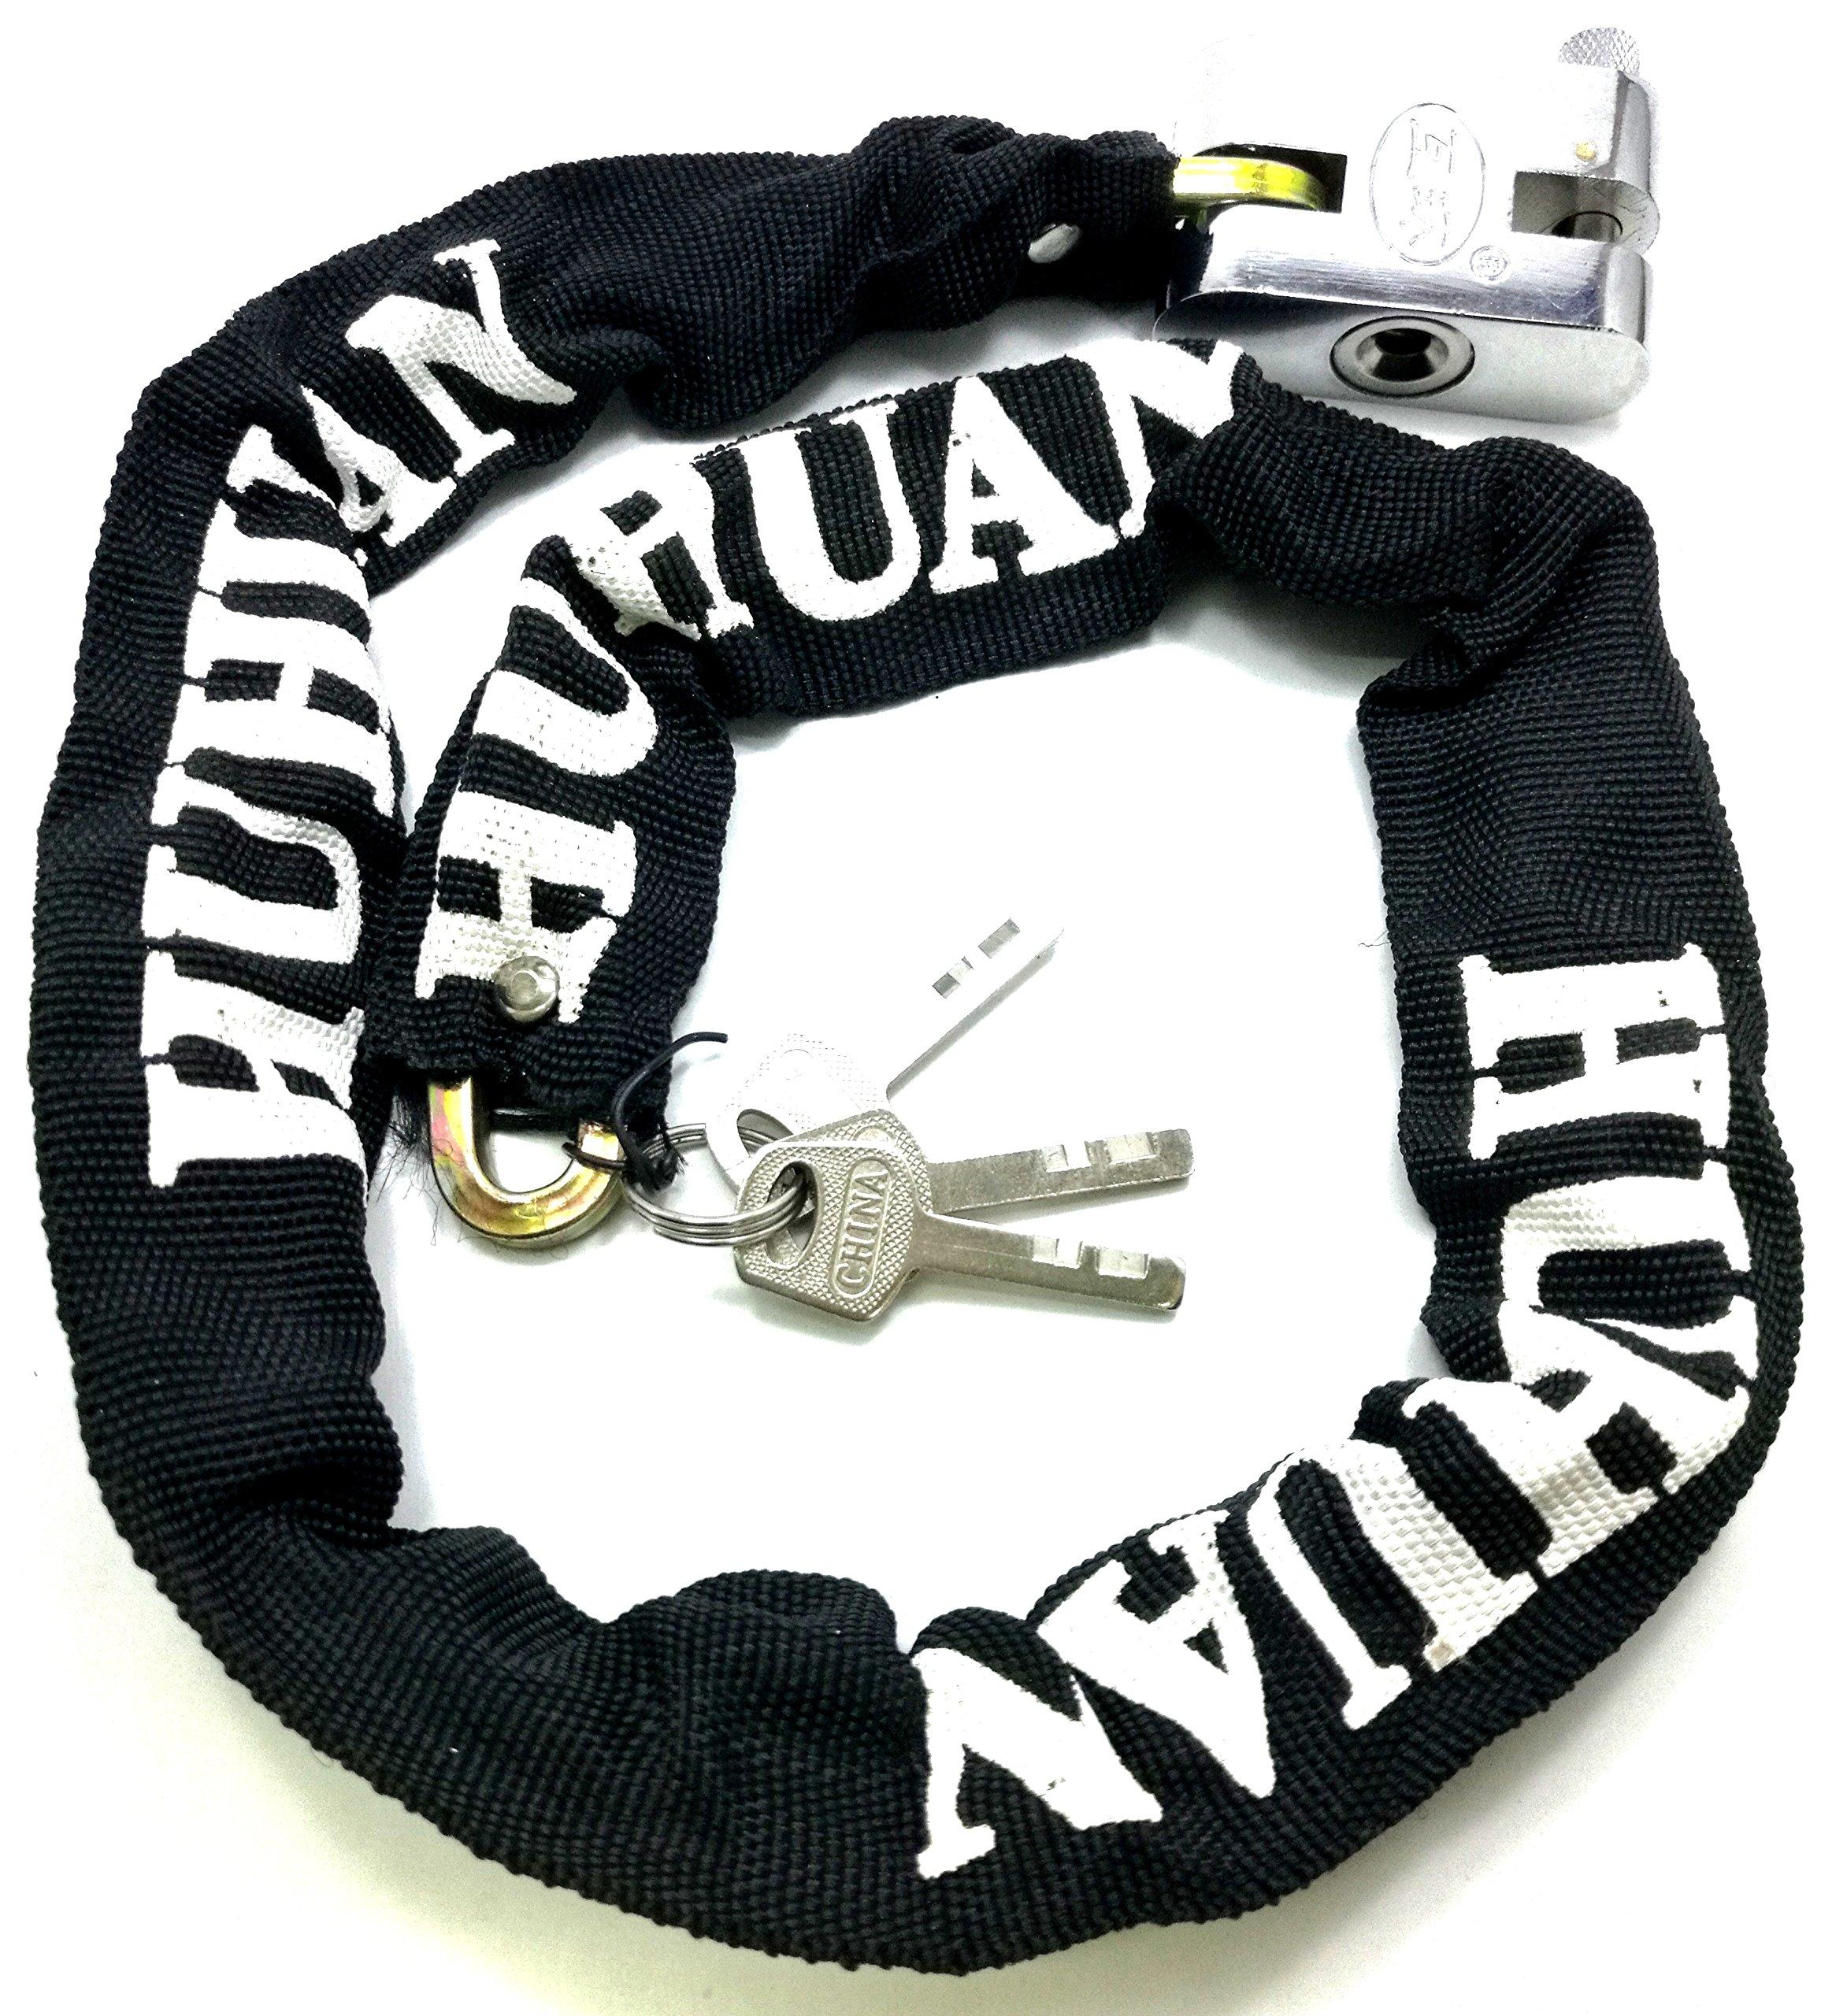 TriEcoWorld moto y bicicleta cadena de seguridad Lock Candado 100cm (1 Metro): Amazon.es: Bricolaje y herramientas